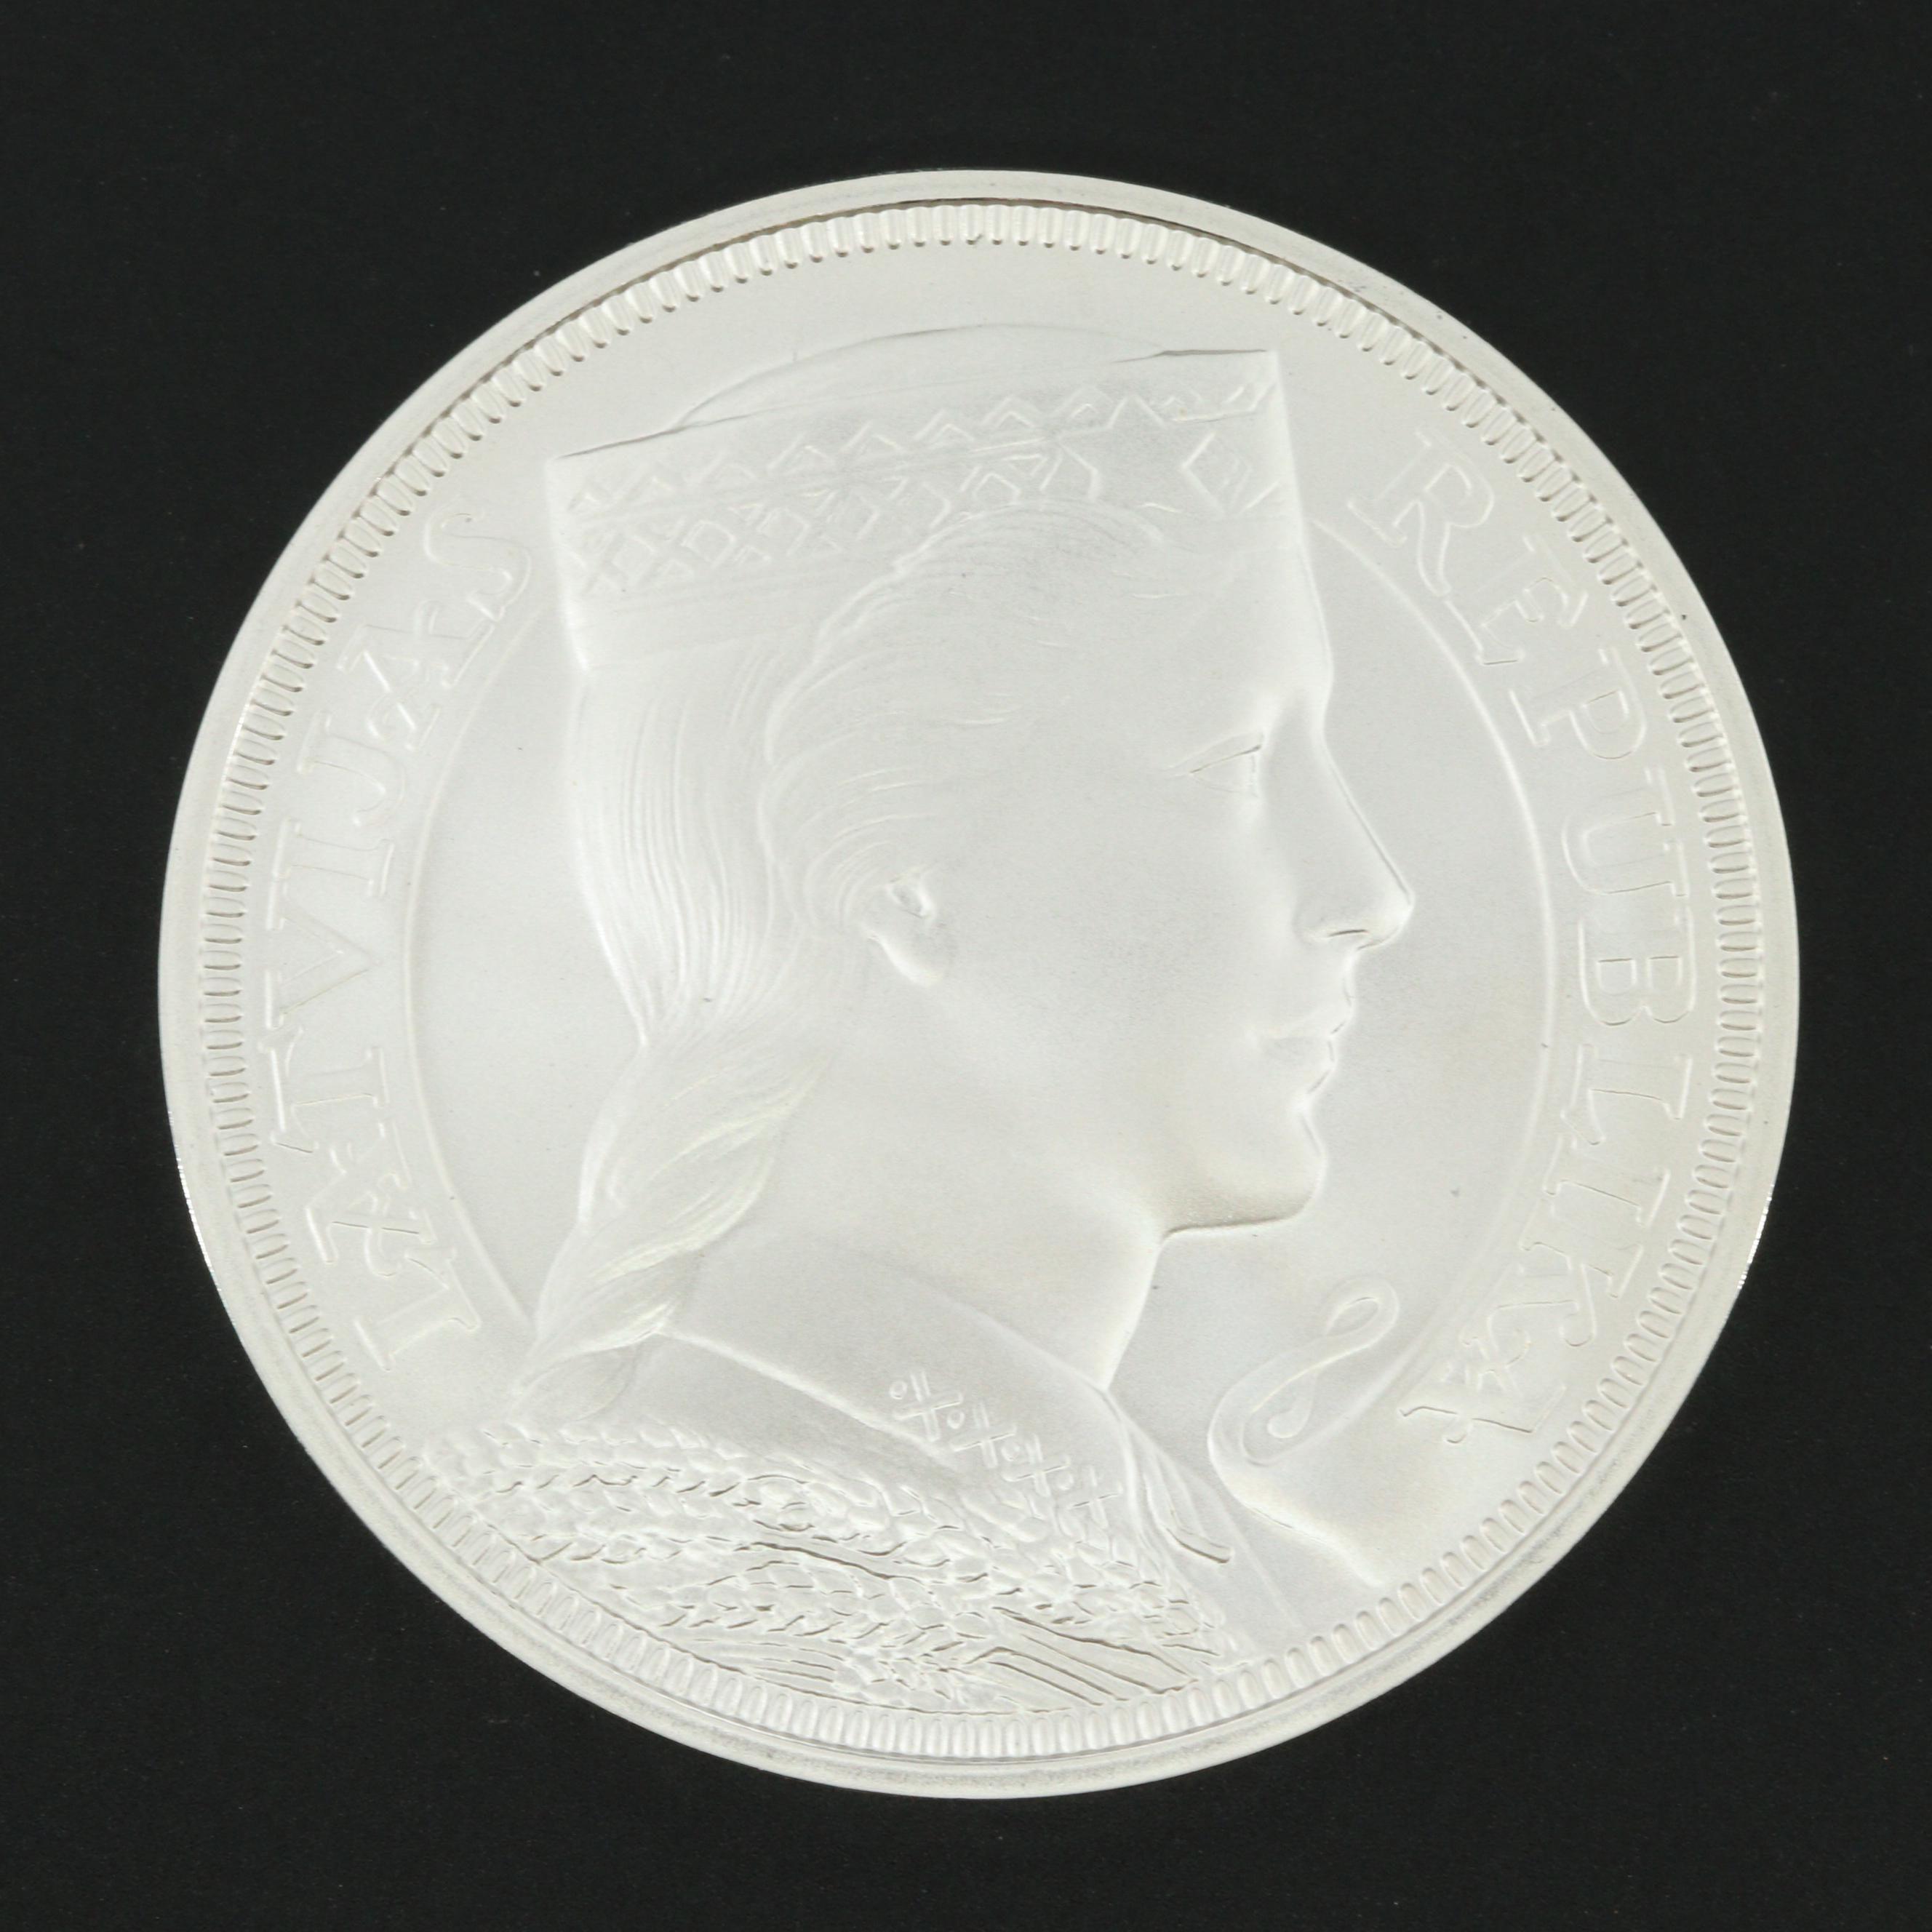 2012 Latvia Bank of Latvia 90th Anniversary Commemorative 5 Lati Silver Coin